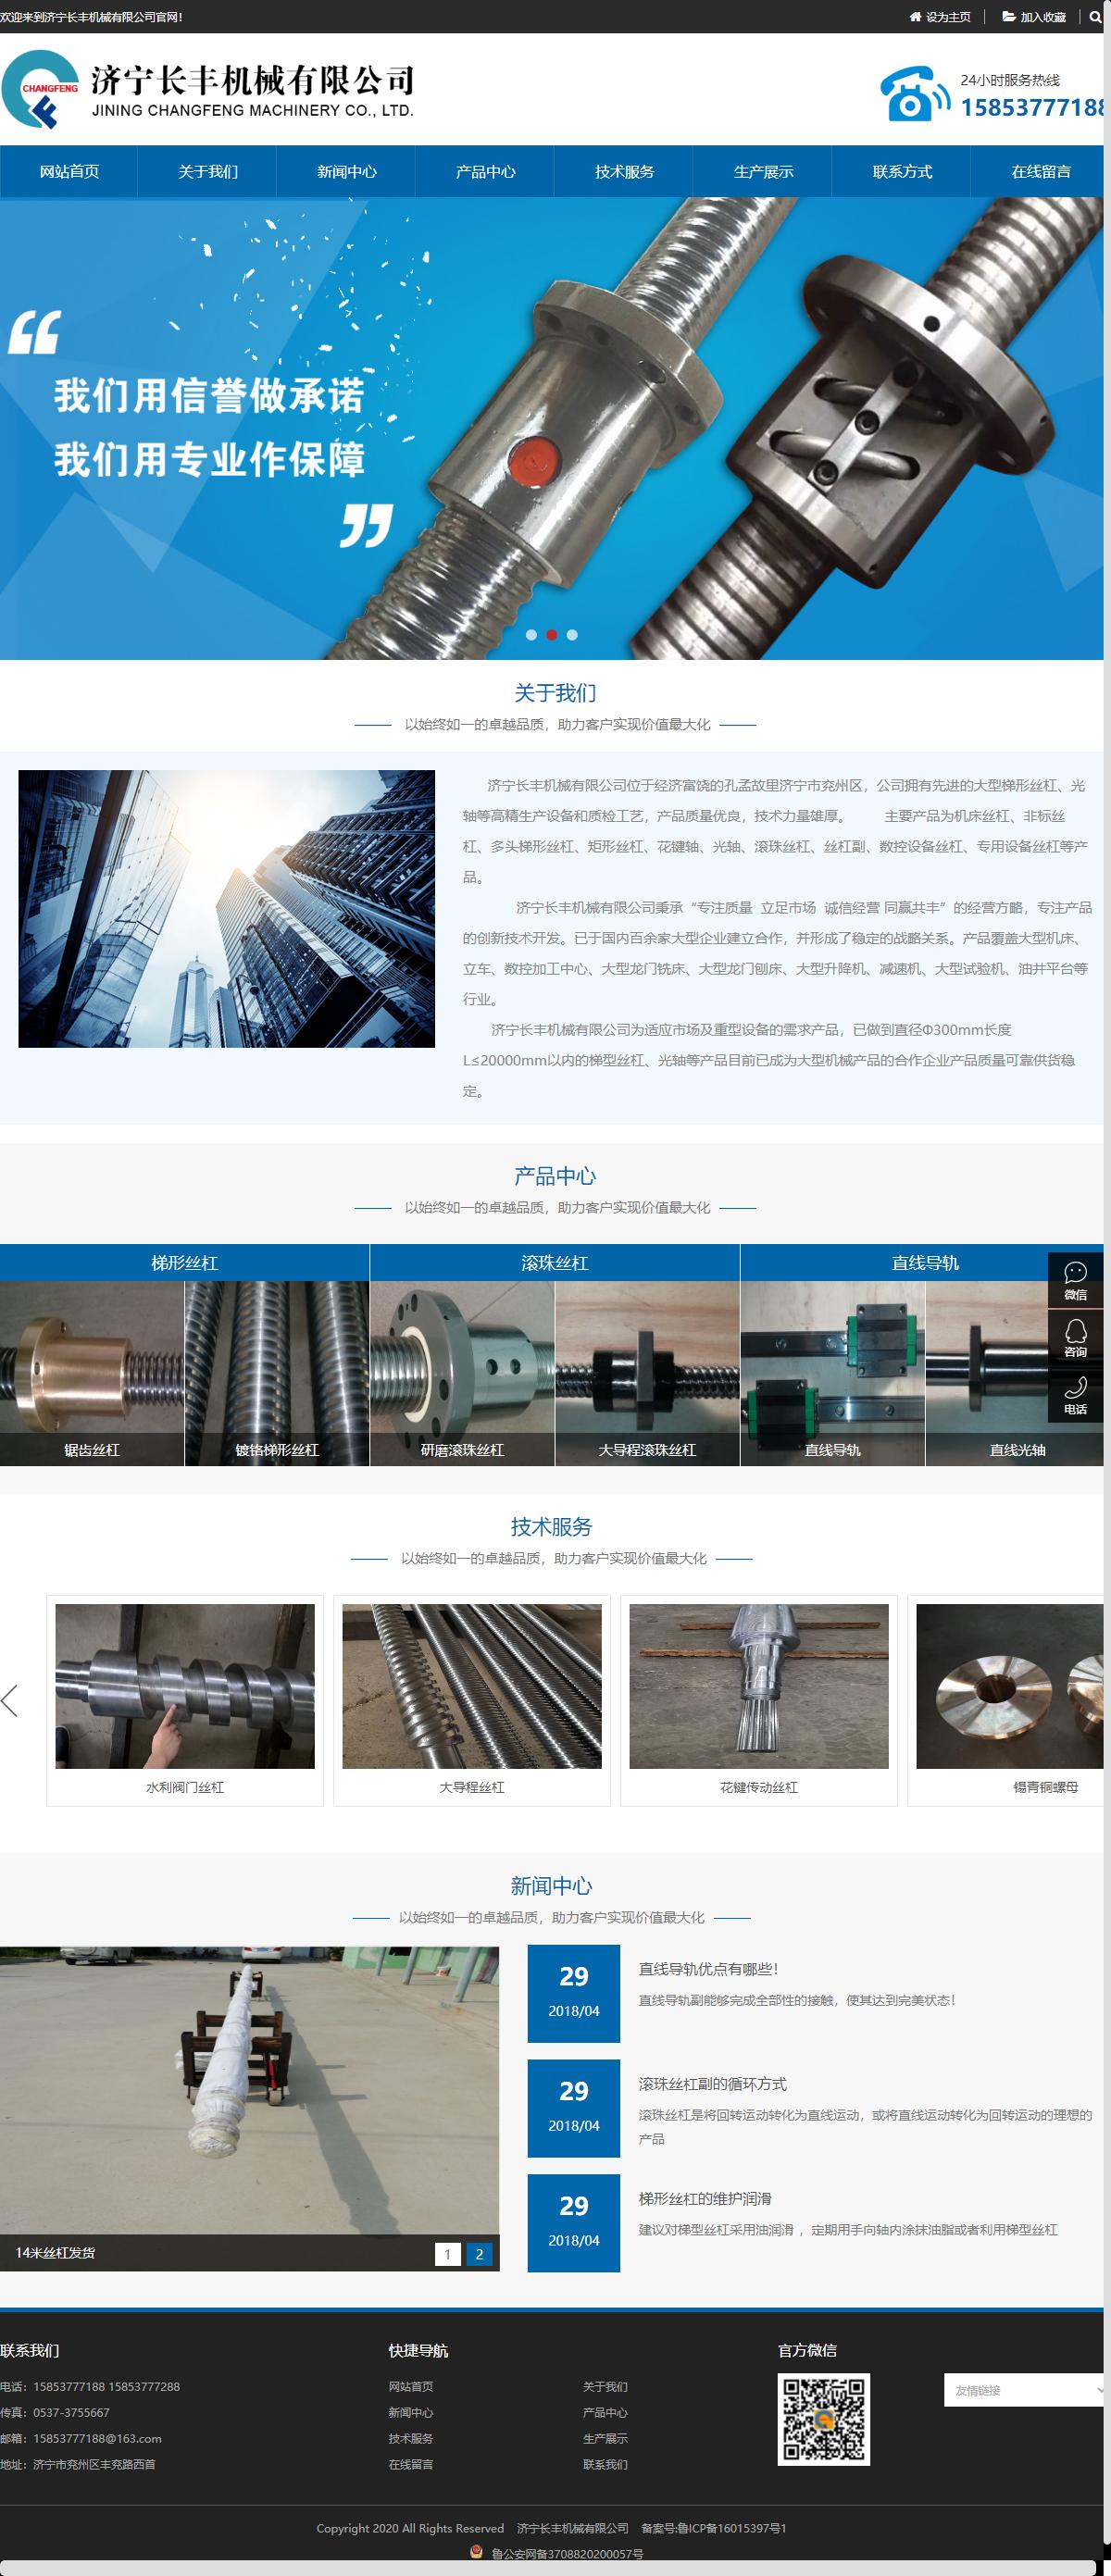 济宁长丰机械有限公司网站案例